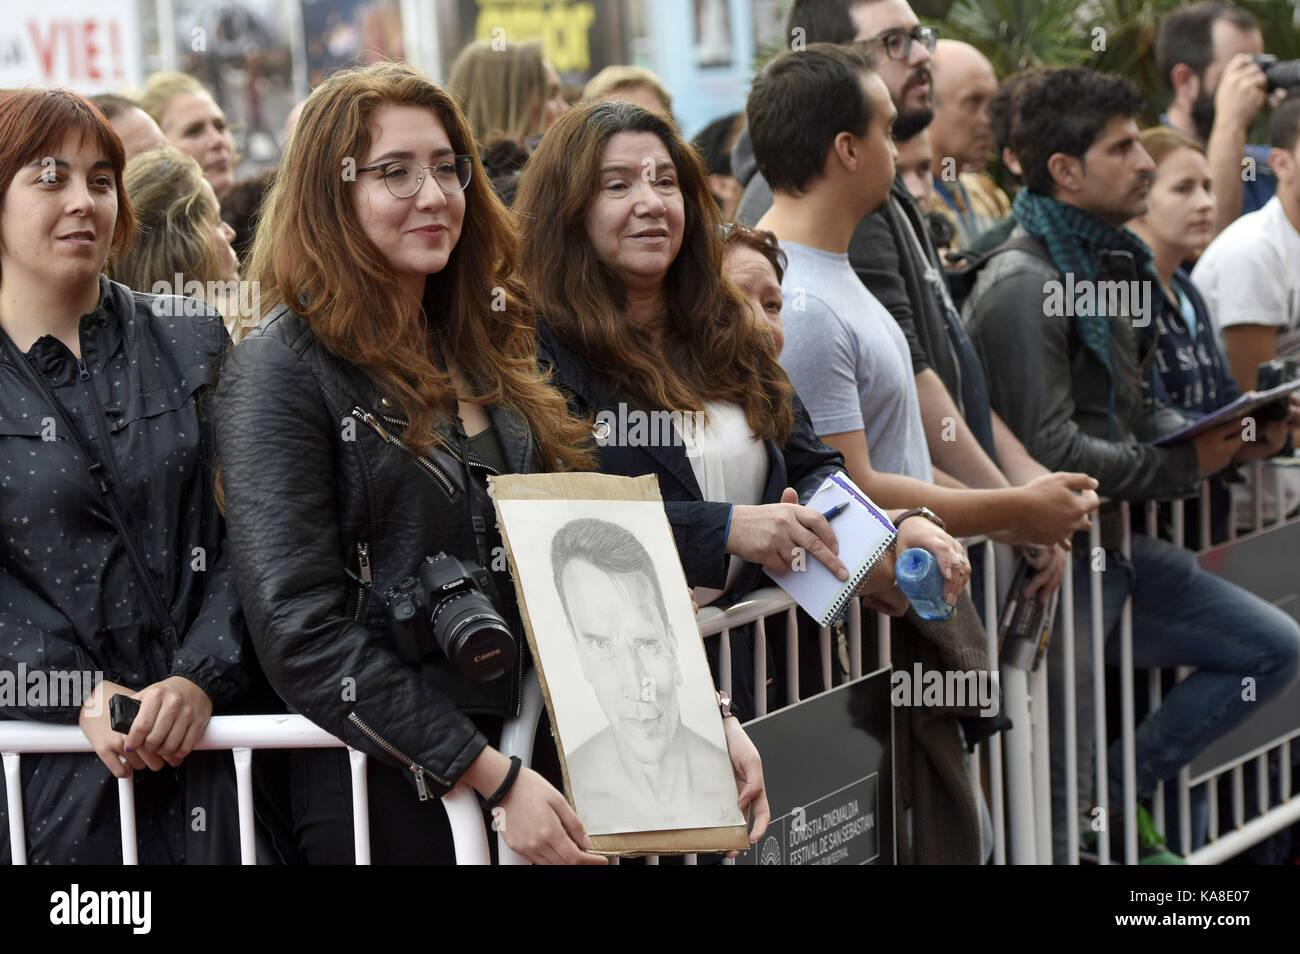 """San sebastian, Spagna. Xxv Sep, 2017. ventole a """"meraviglia di mare 3d' premiere presso il Victoria Eugenia teather Foto Stock"""